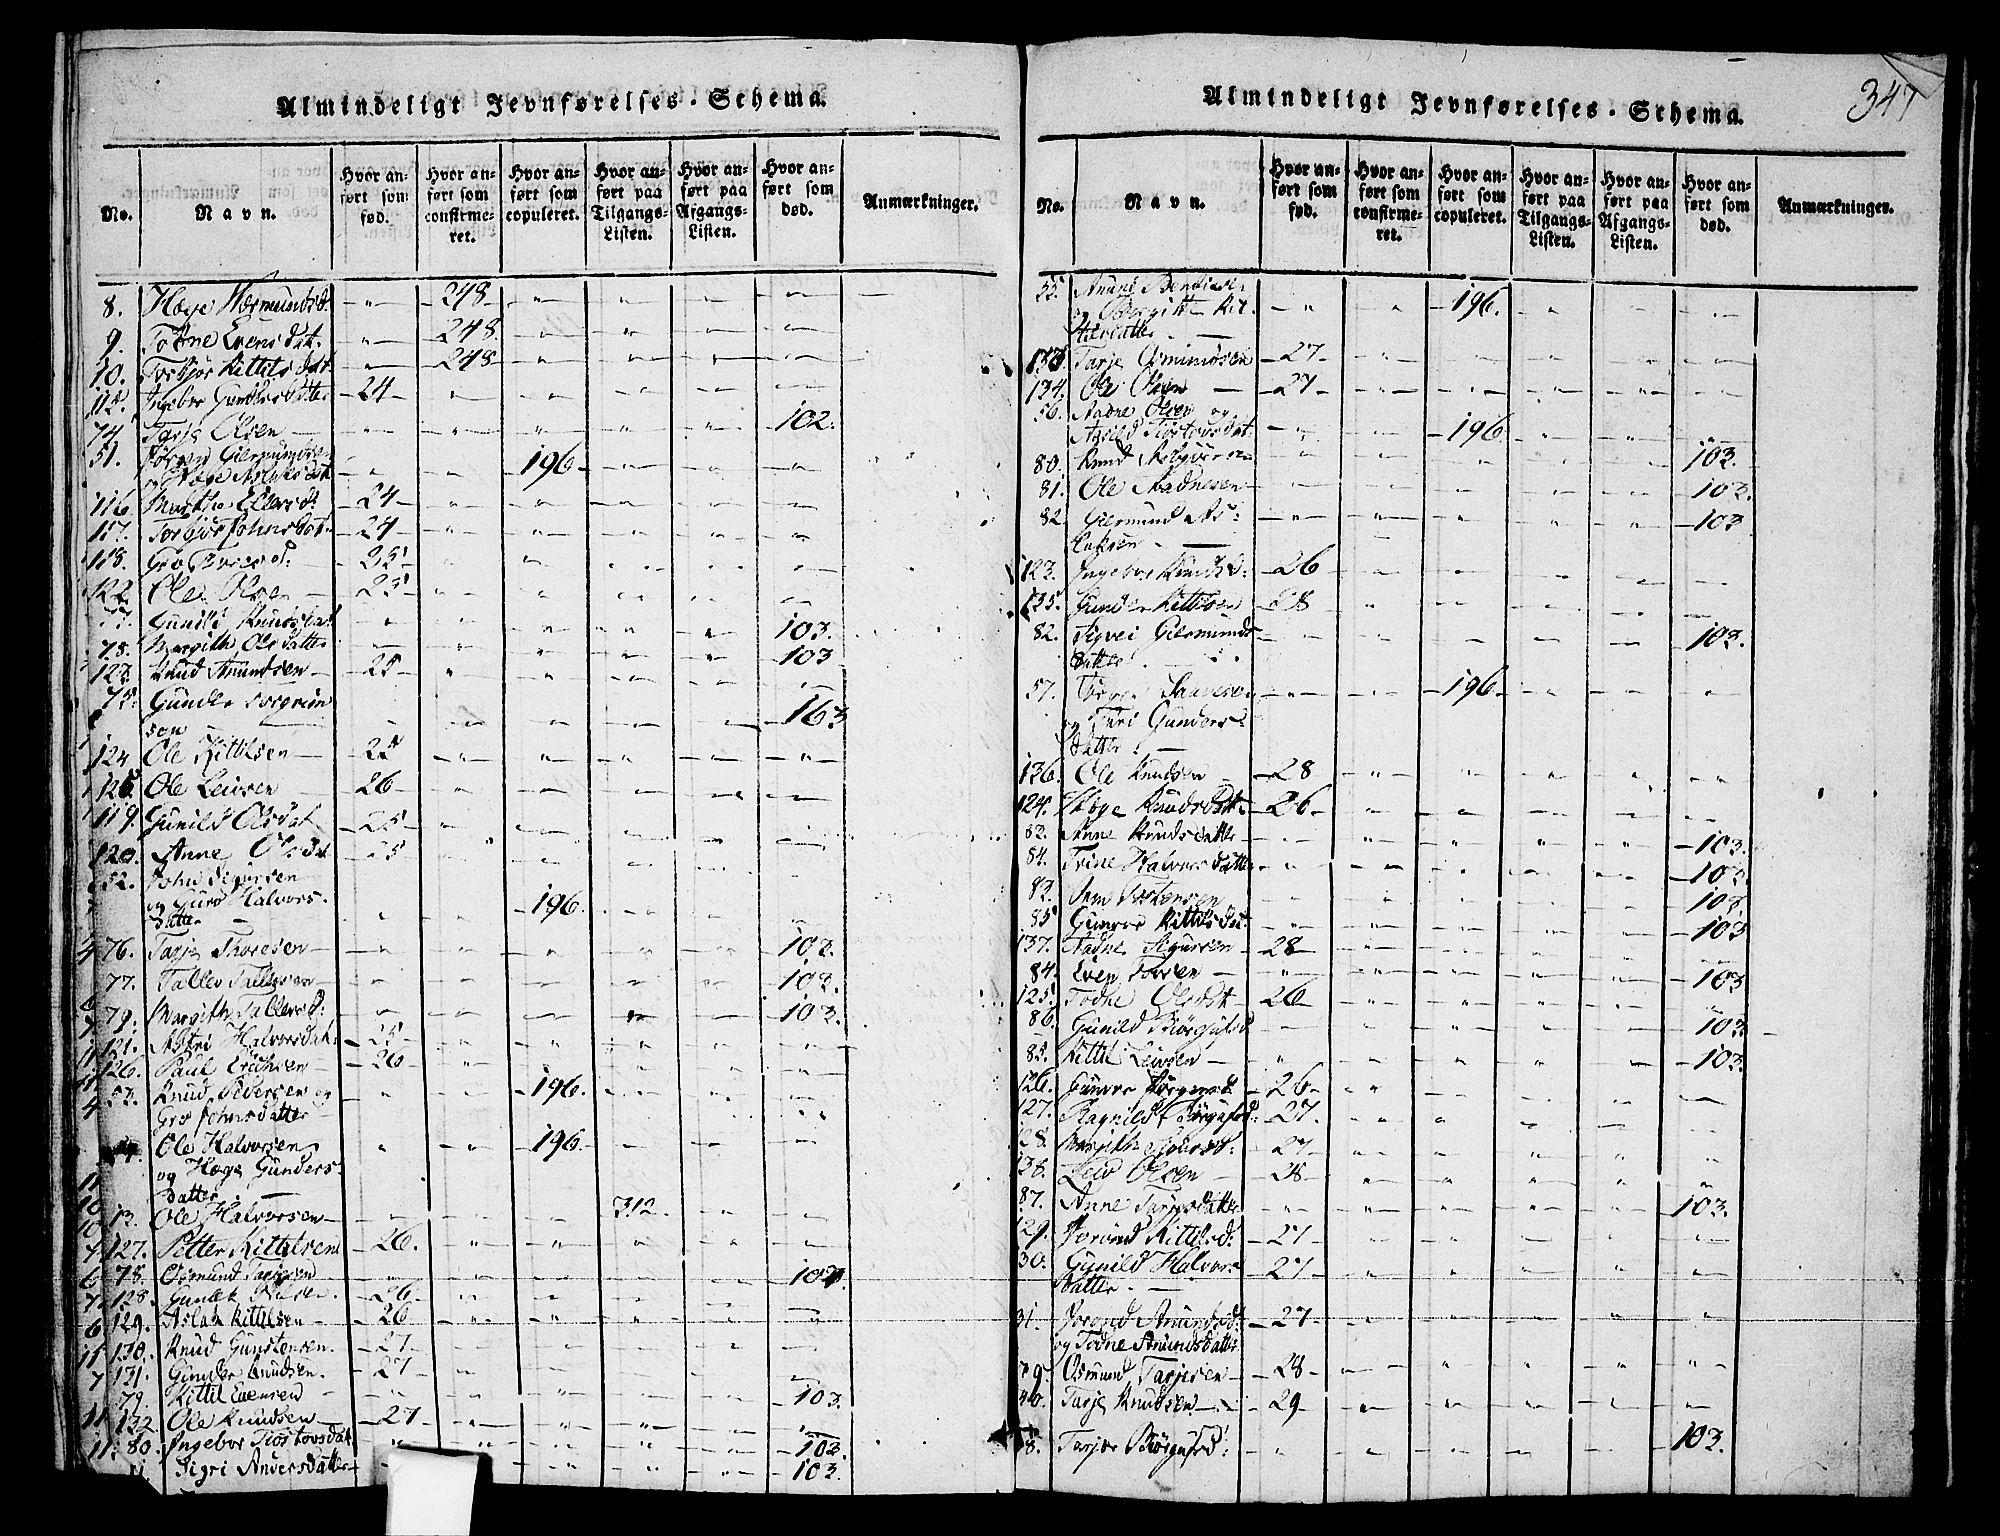 SAKO, Fyresdal kirkebøker, F/Fa/L0003: Ministerialbok nr. I 3, 1815-1840, s. 347